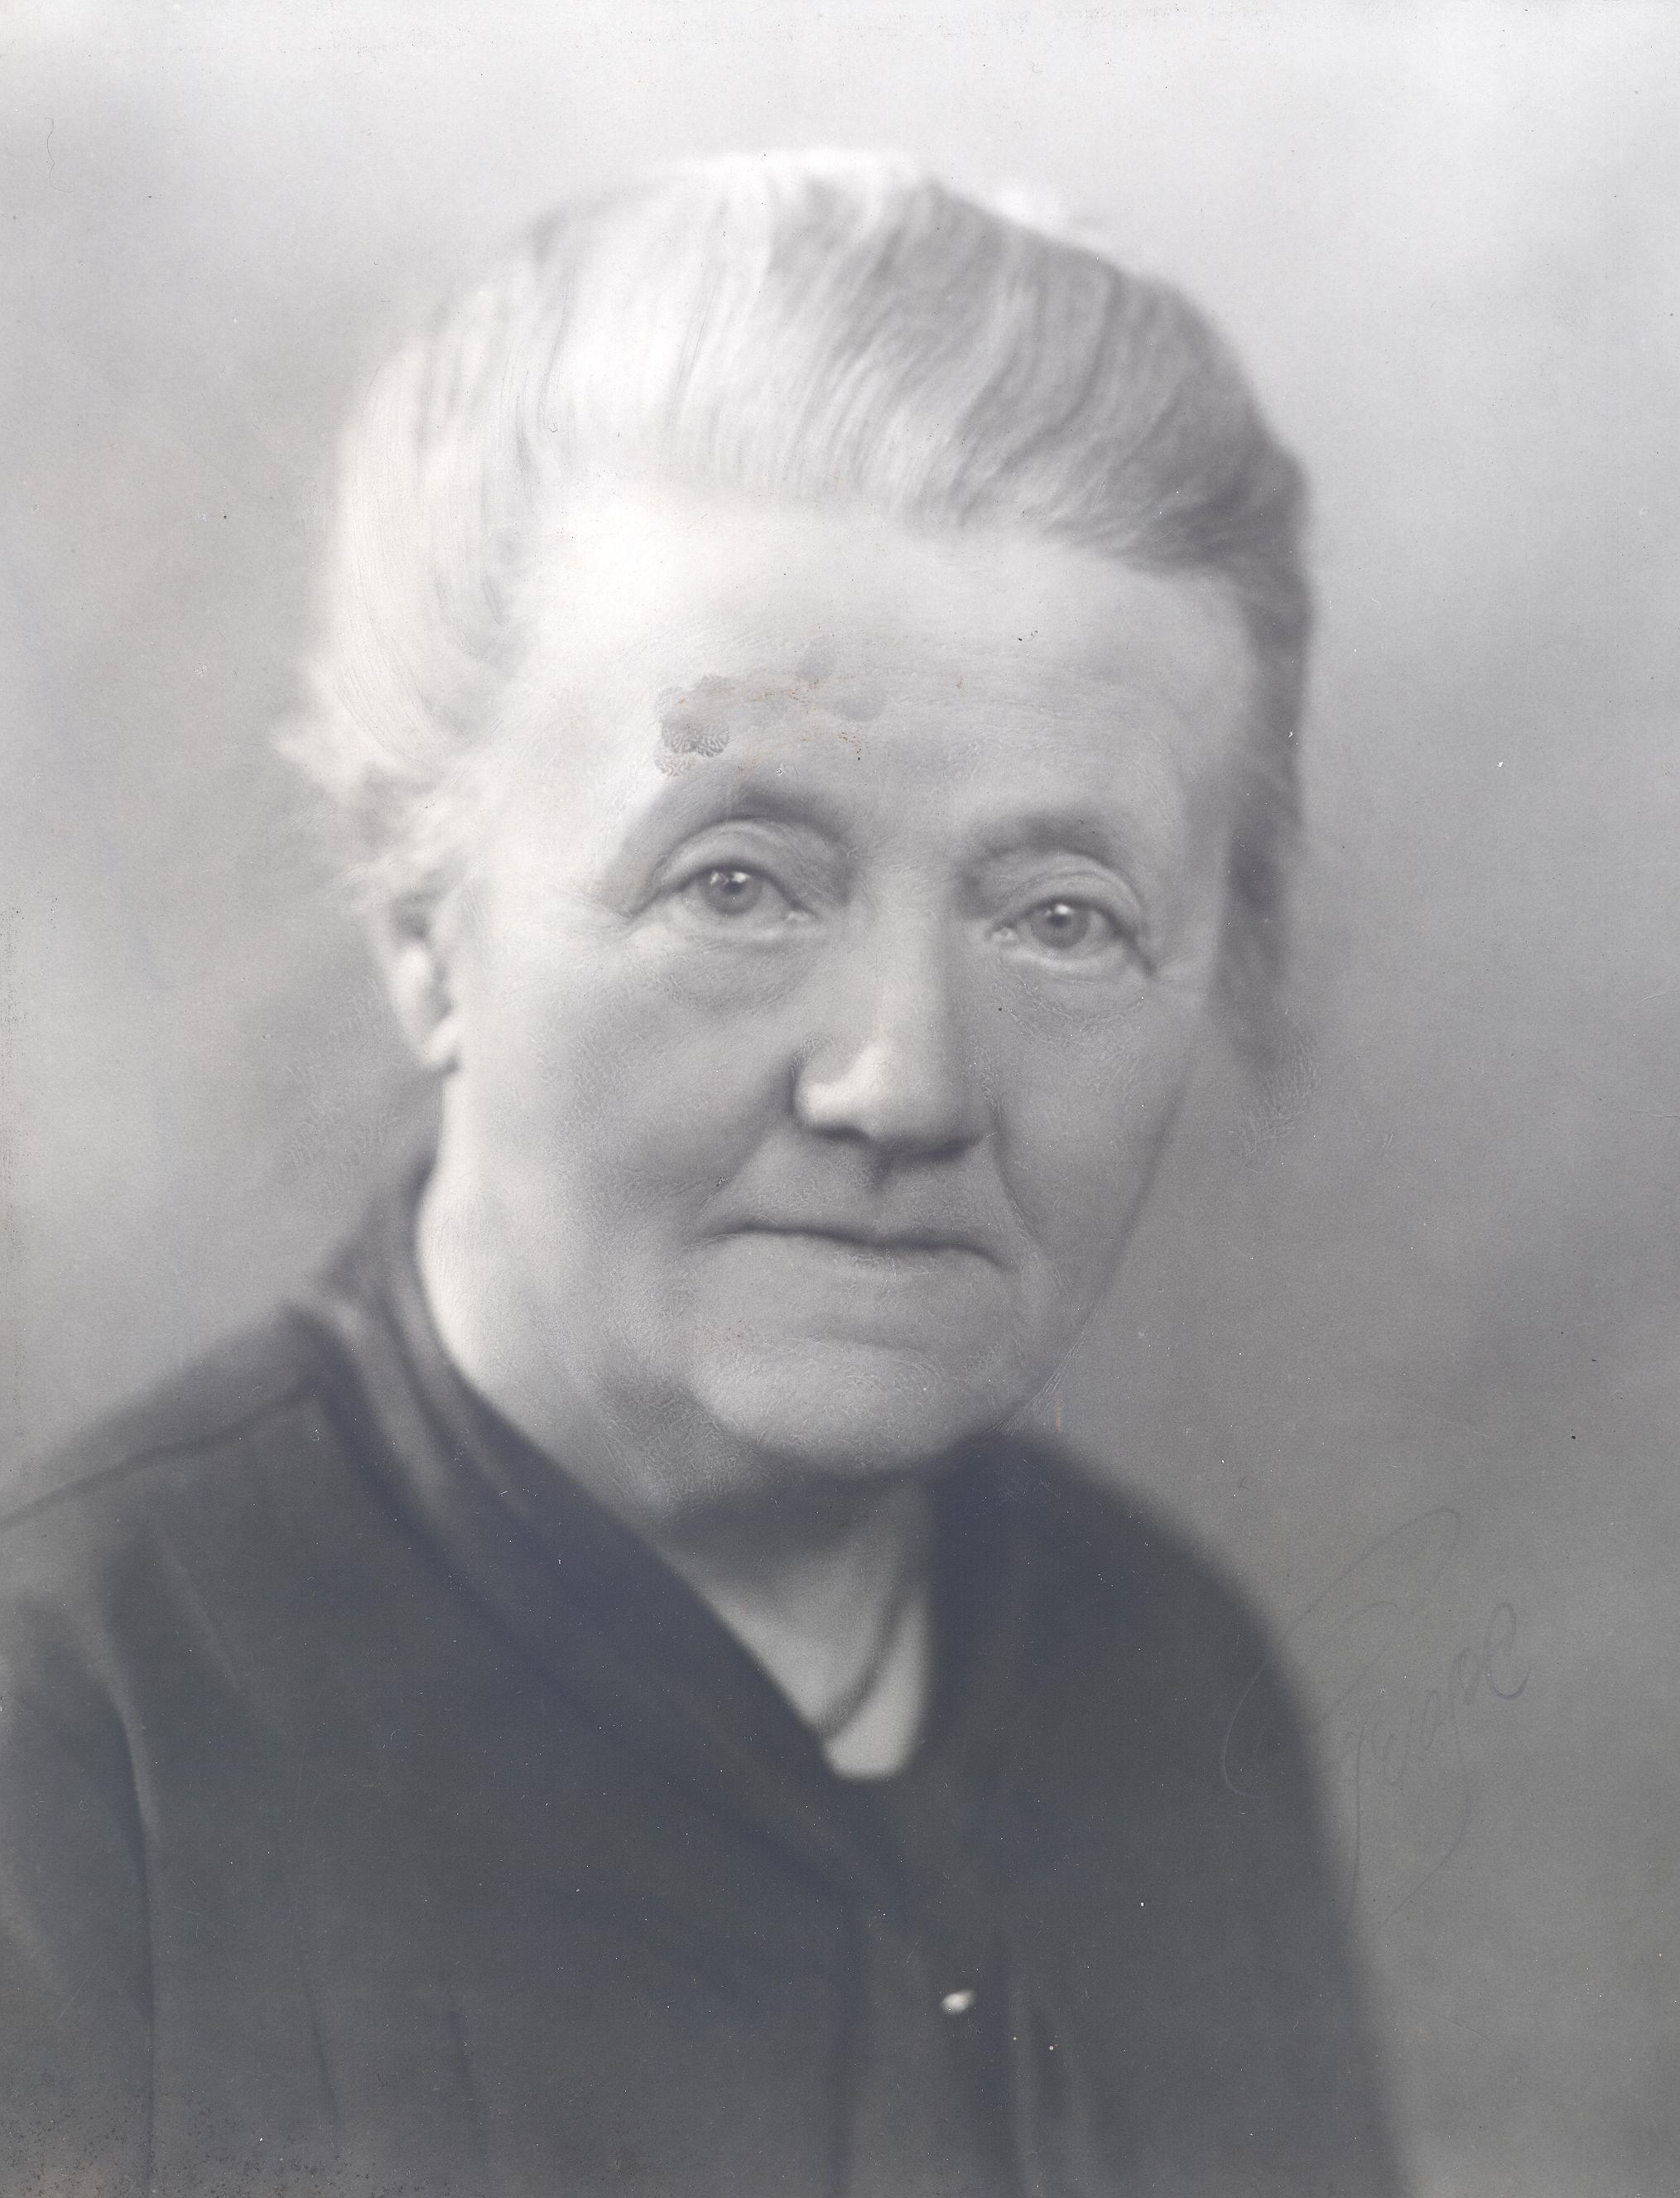 Matilda Widegren. Fotograf och år okänt (KvinnSam, Göteborgs universitetsbibliotek)